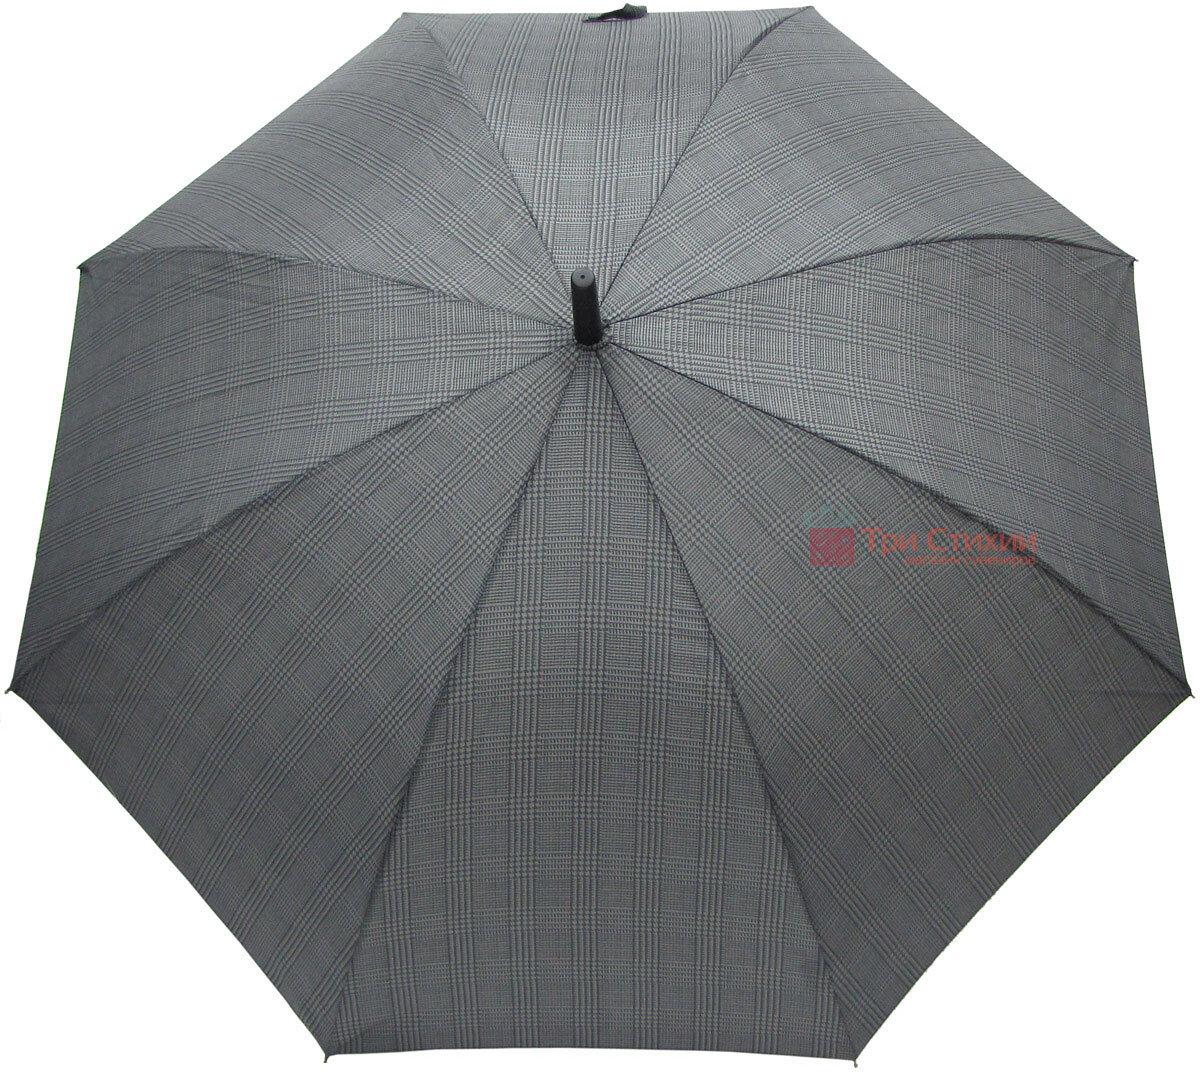 Зонт-трость Derby 77167P-2 полуавтомат Крупная клетка, фото